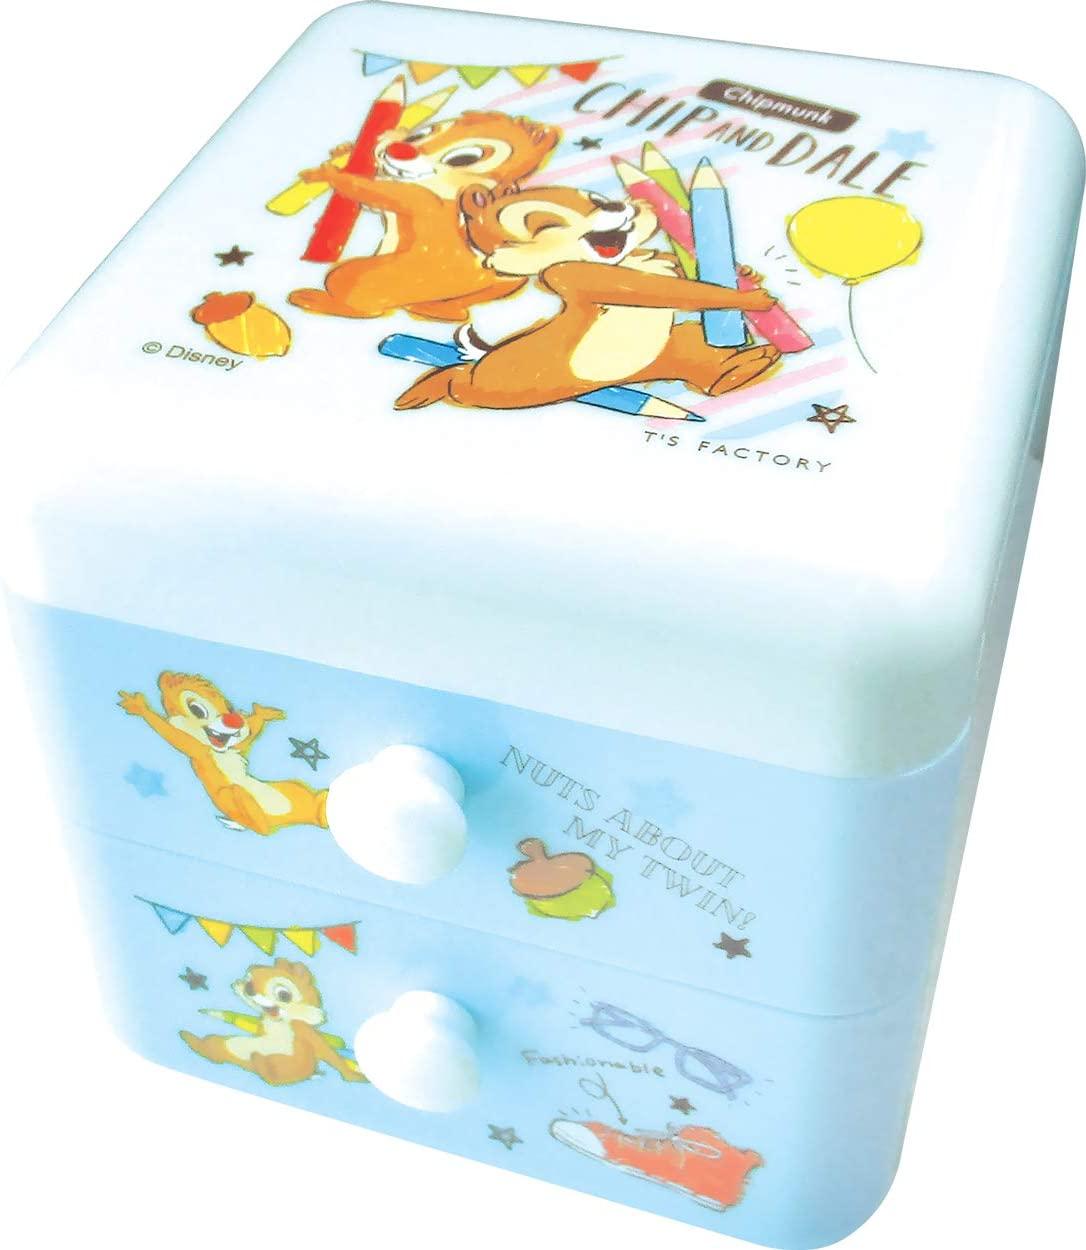 奇奇蒂蒂Chip 'n' Dale雙層抽屜櫃,置物盒 / 收納盒 / 抽屜收納盒 / 筆筒 / 桌上收納盒,X射線【C107117】 - 限時優惠好康折扣